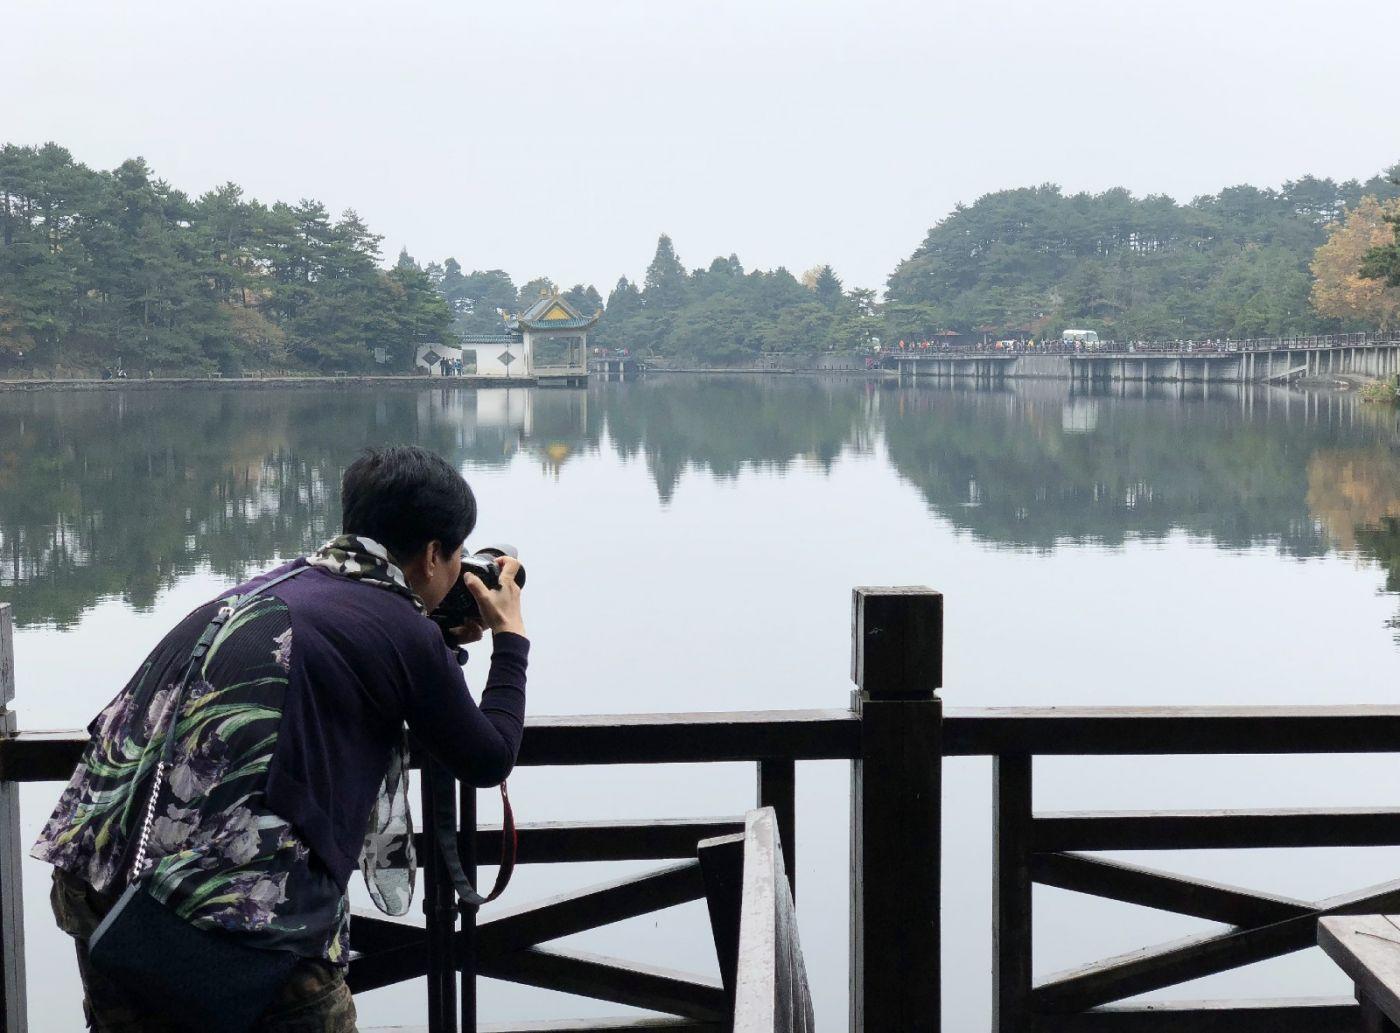 【田螺随拍】秋色庐山-手机版_图1-21